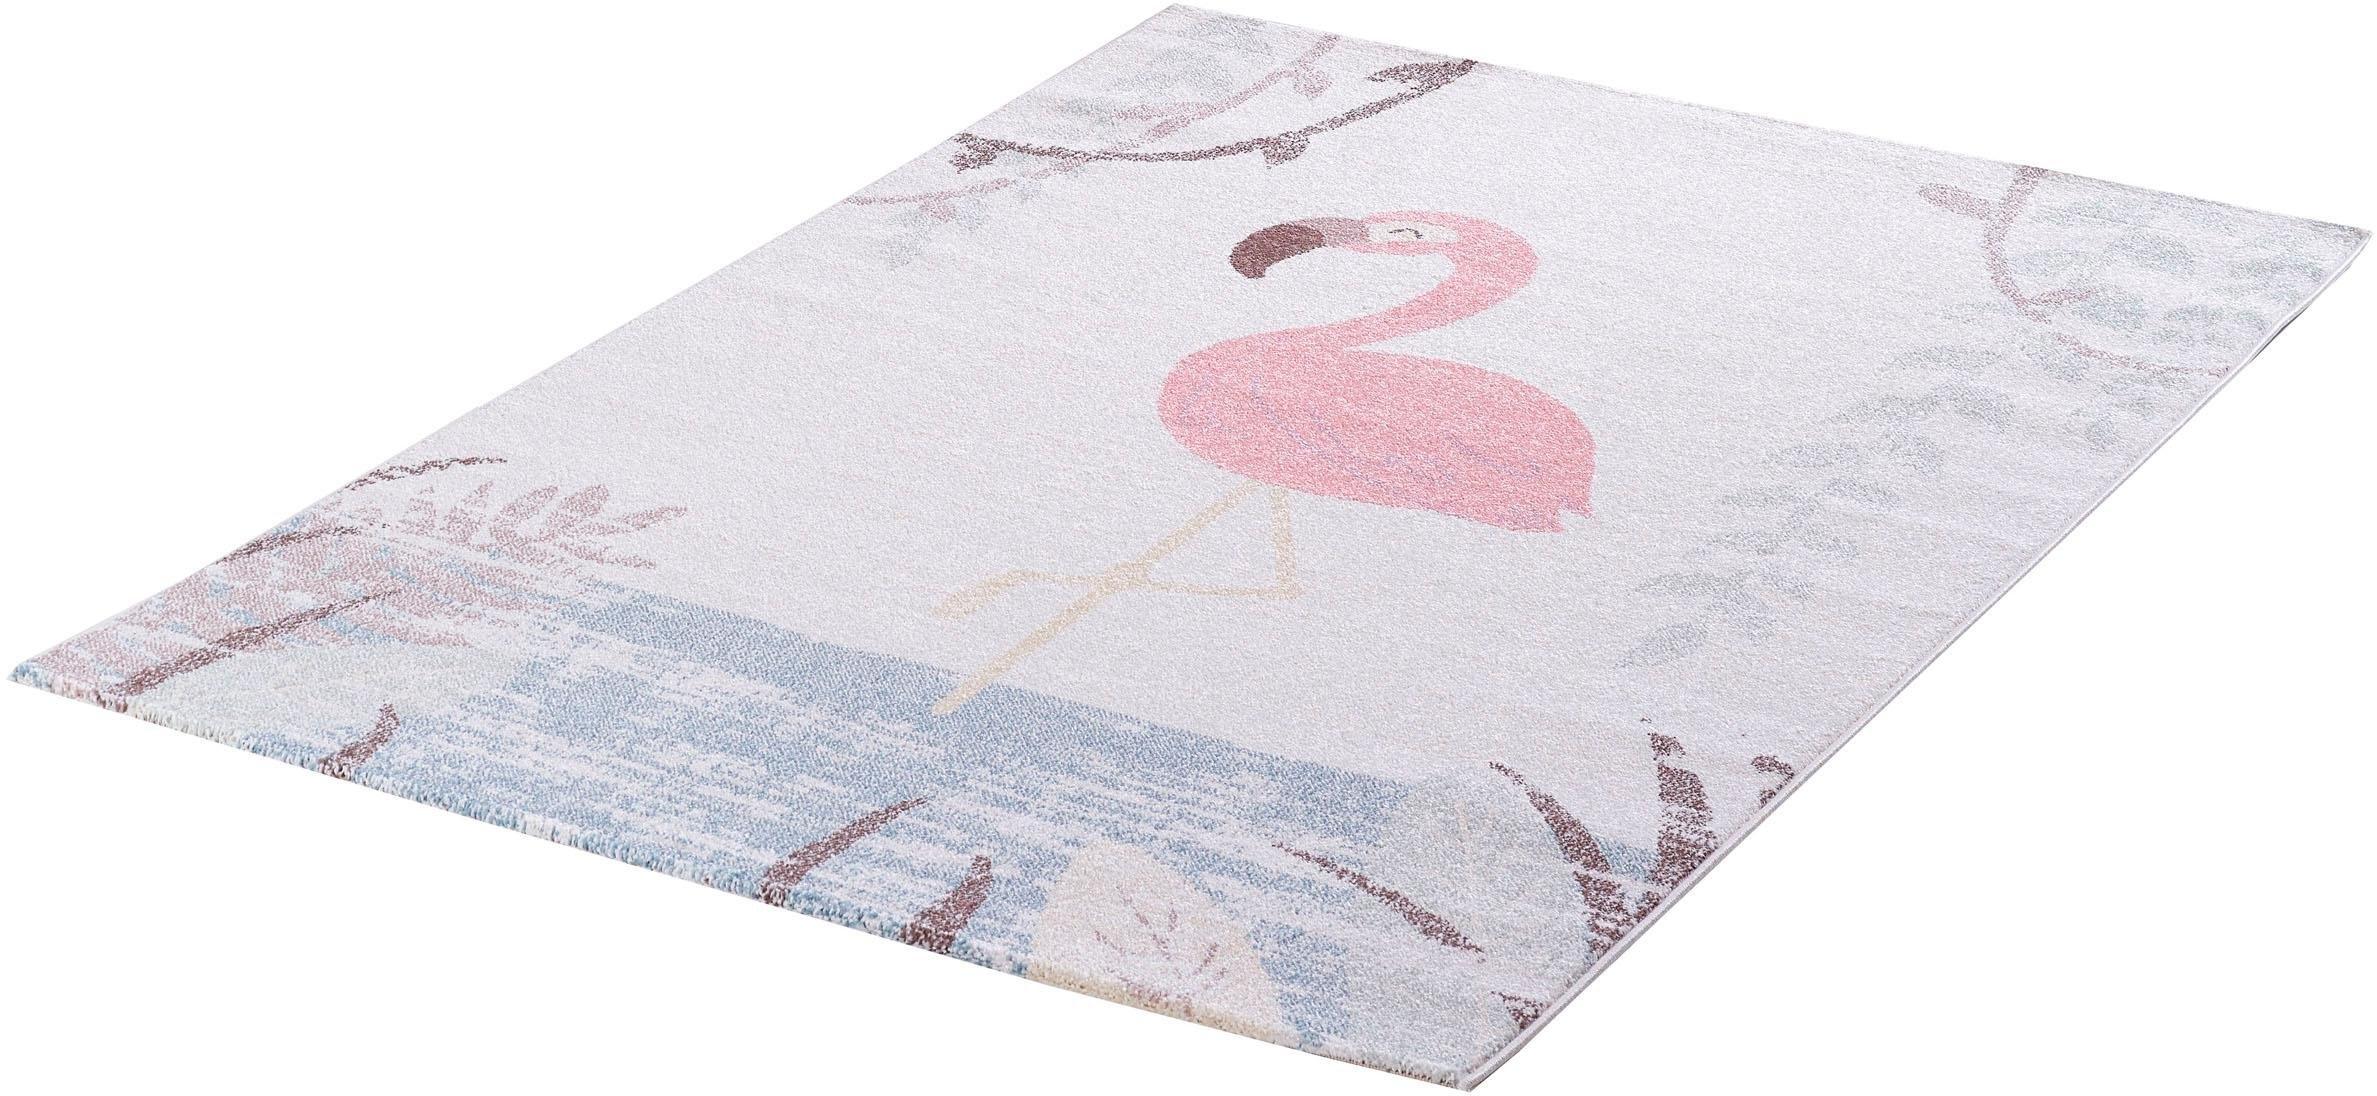 Sanat Teppiche Vloerkleed voor de kinderkamer, »Luna Kids 4610«, SANAT HALI, rechthoekig, H 12 mm, mach. geweven goedkoop op otto.nl kopen